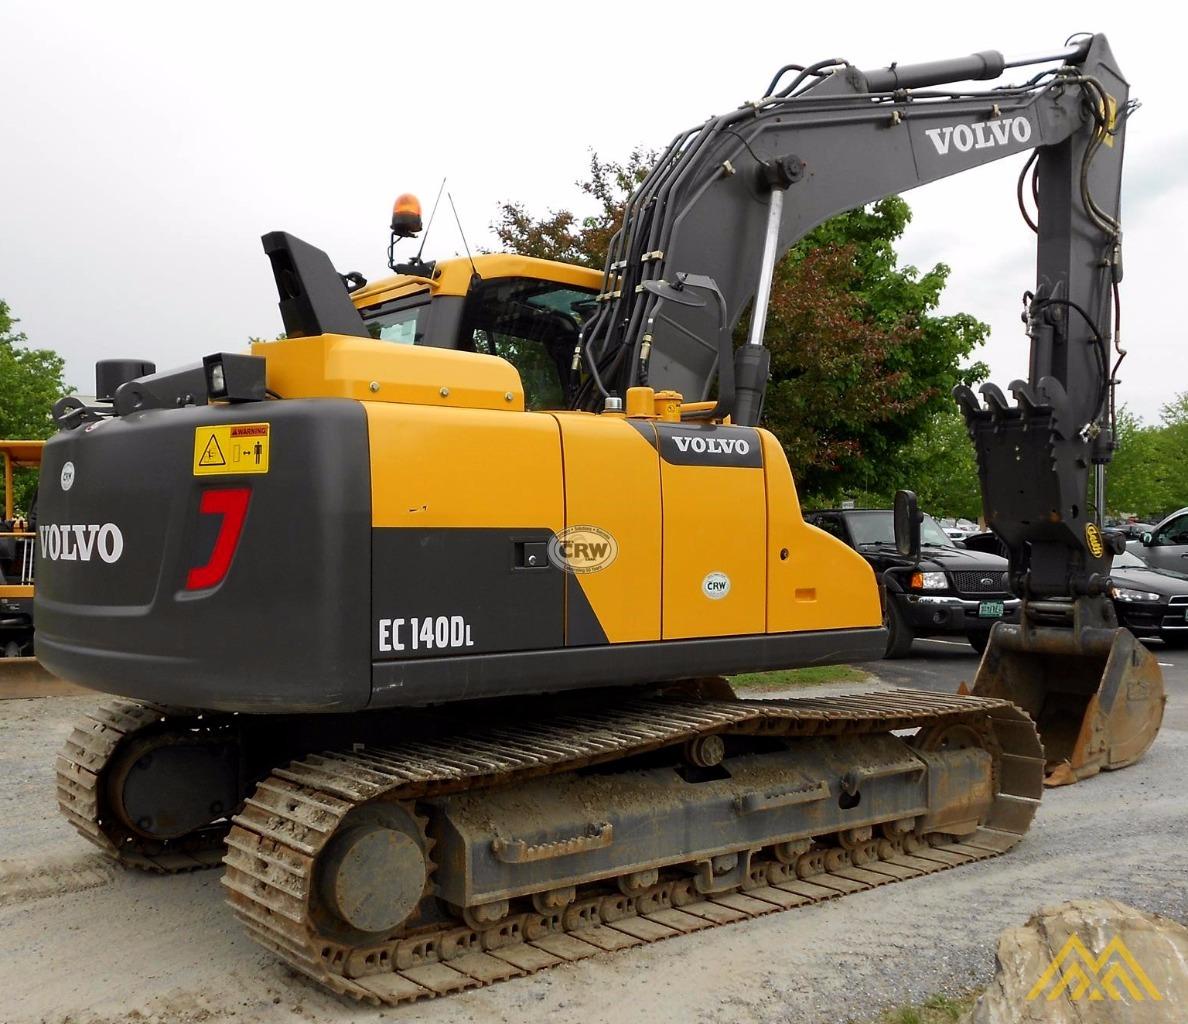 Volvo EC140DL Crawler Excavator 4